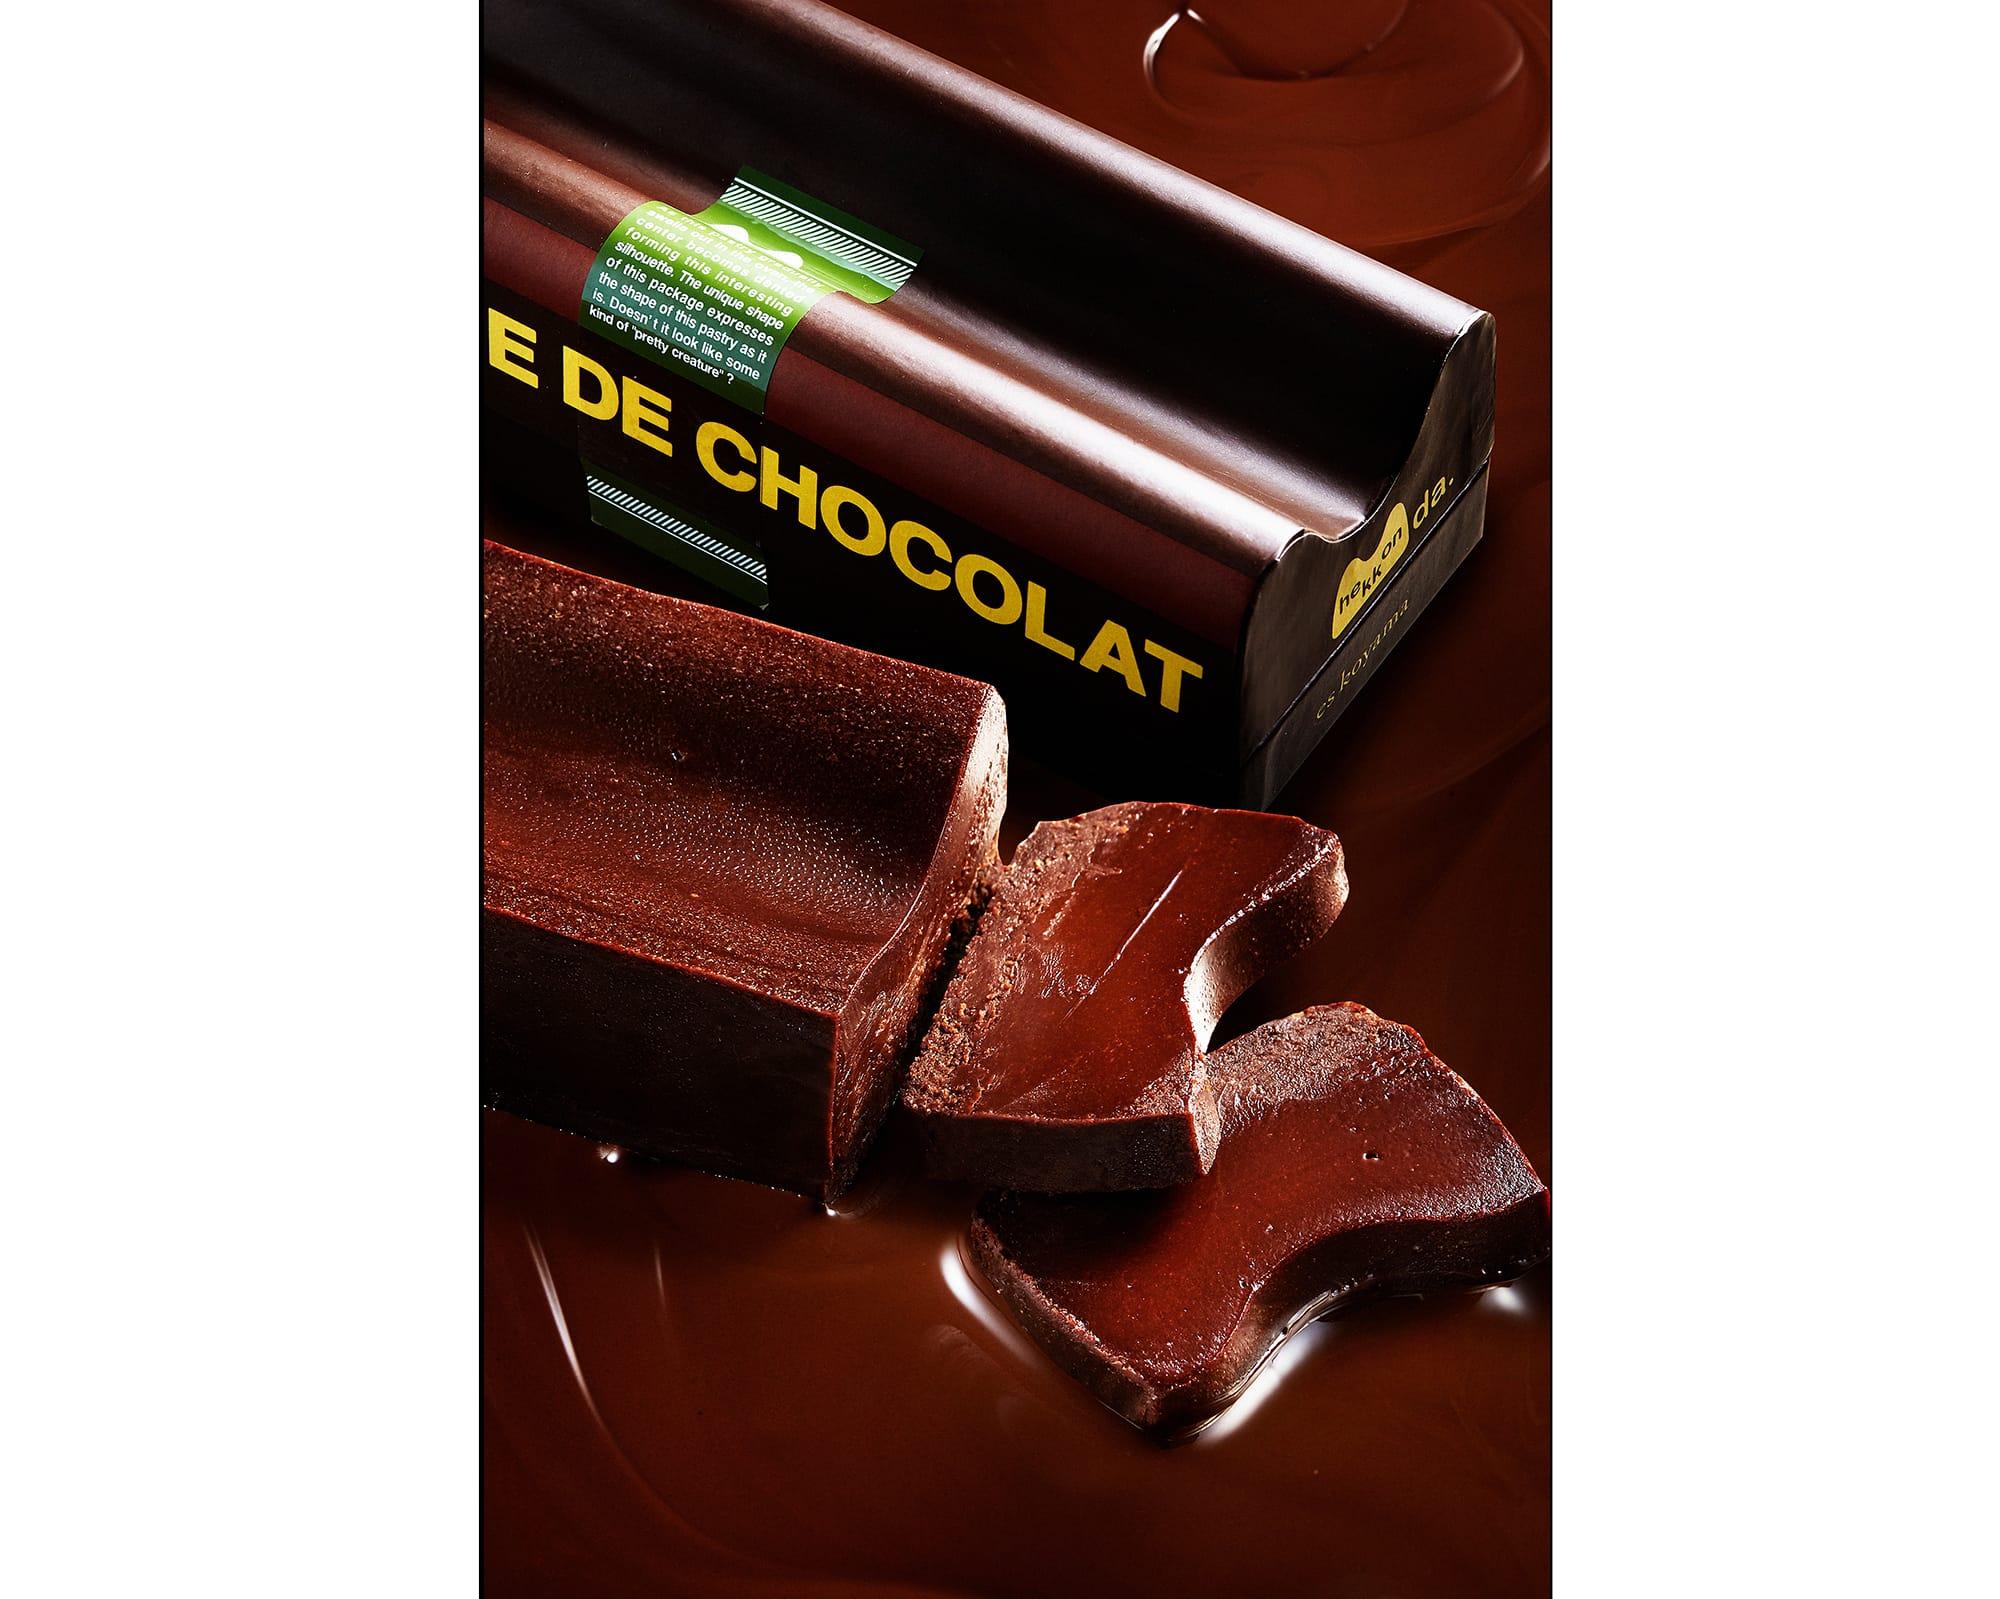 粉を使わず、チョコレートと卵だけで蒸し焼きにした、とろける舌触りとカカオのピュアな風味を楽しめるケーキ「テリーヌ ドゥ ショコラ ヘッコンダ」。焼き上がると中央がへっこむ、そのままの形をパッケージにも、名前にも活かした小山シェフならではのユーモアのセンスが光る。1,728円(税込)